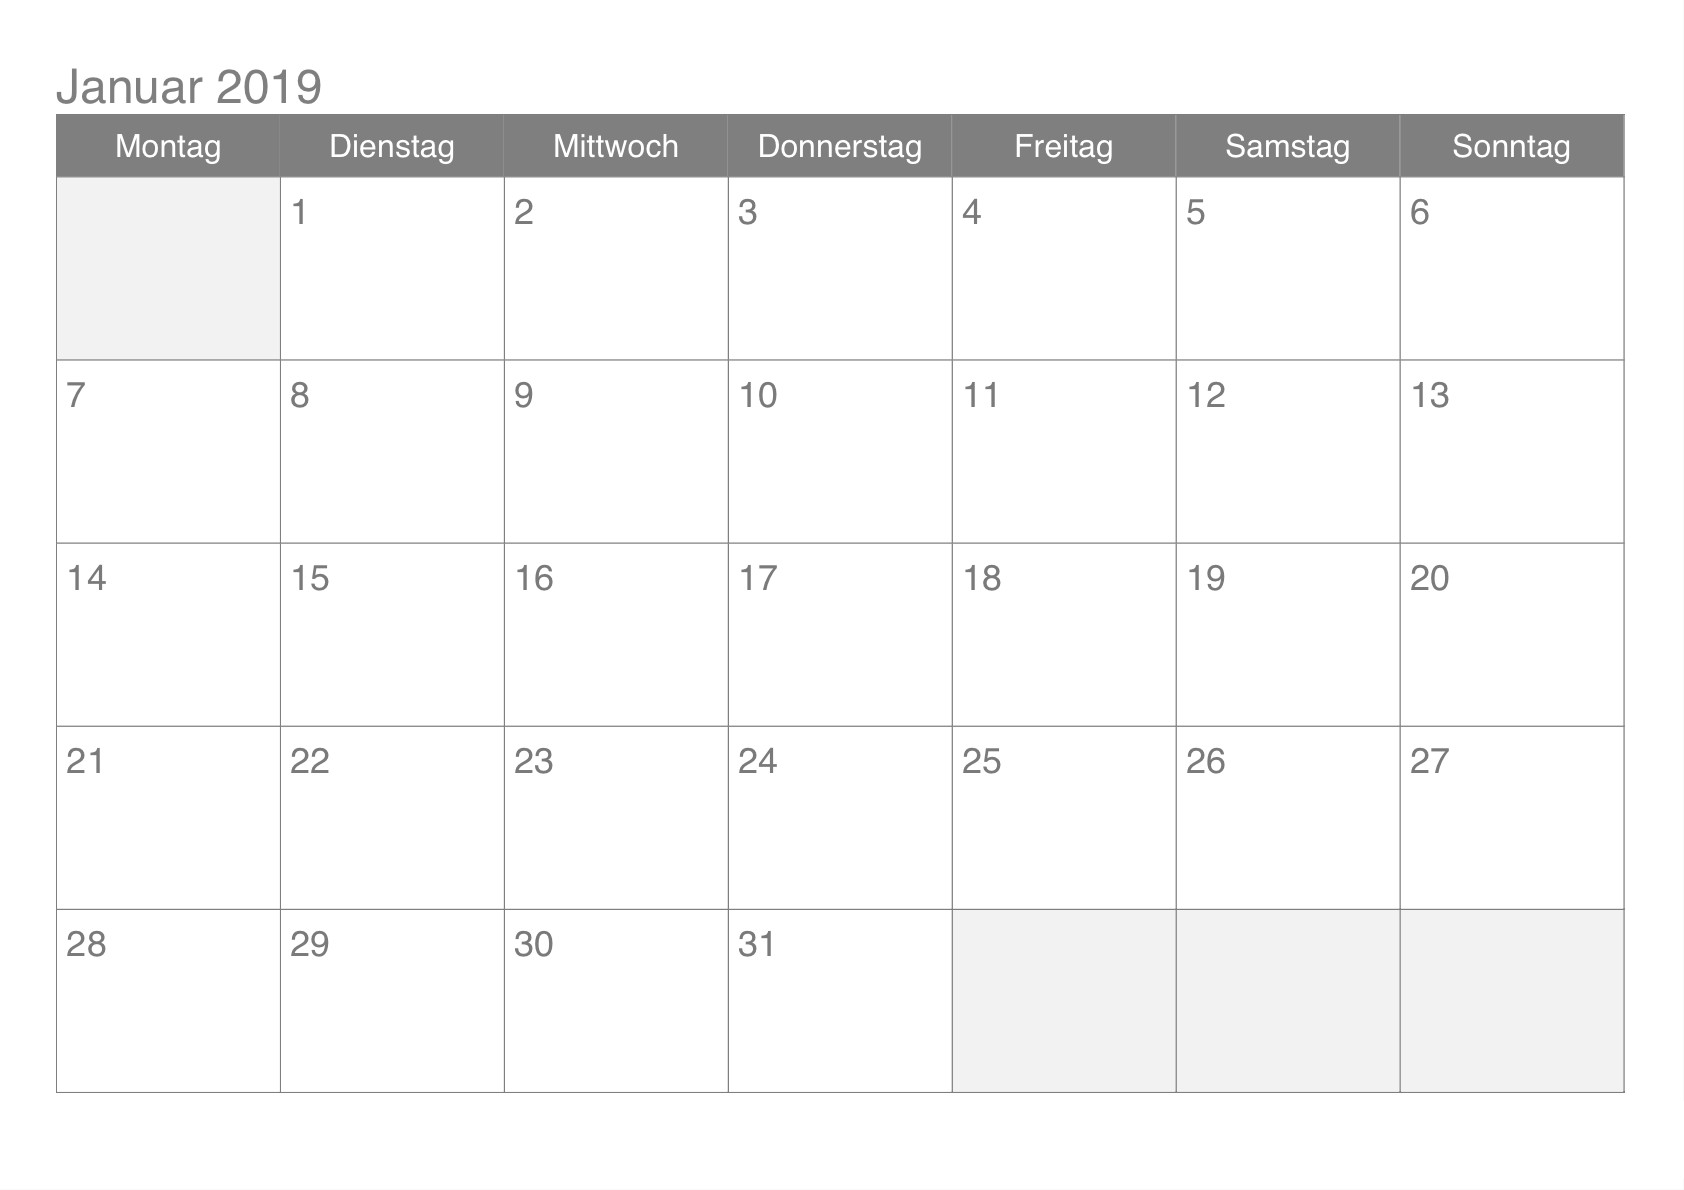 Calendario Oficial De Feriados 2020 Más Actual 11 Best Calendario Enero 2019 Argentina Images Of Calendario Oficial De Feriados 2020 Más Reciente Pnp Pag³ Más De S 4 Millones Por Servicios Irregulares De